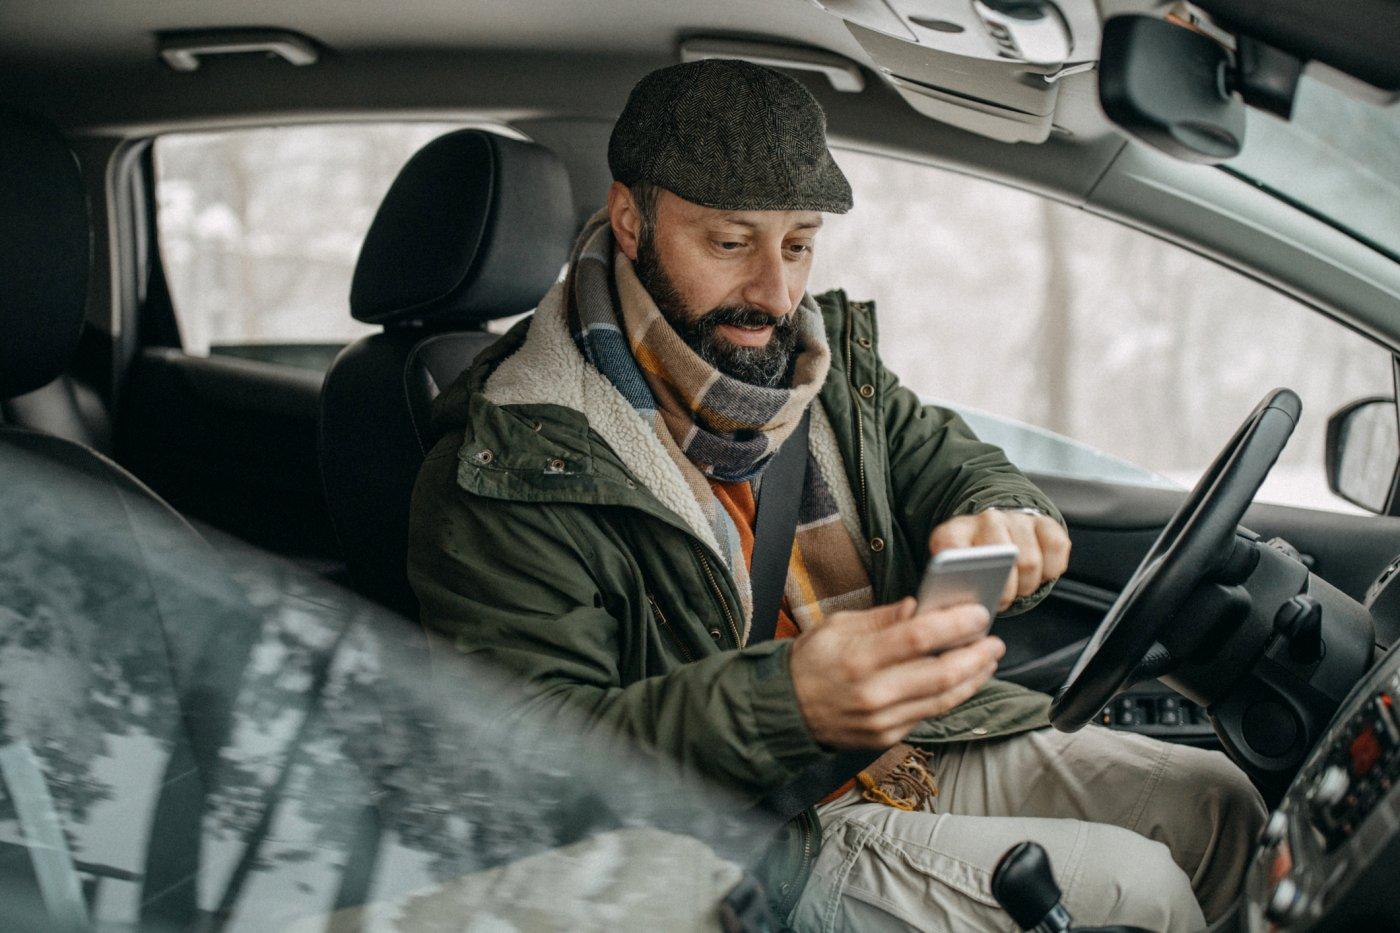 en mann med hatt og jakke sitter i bilen og taster på mobilen